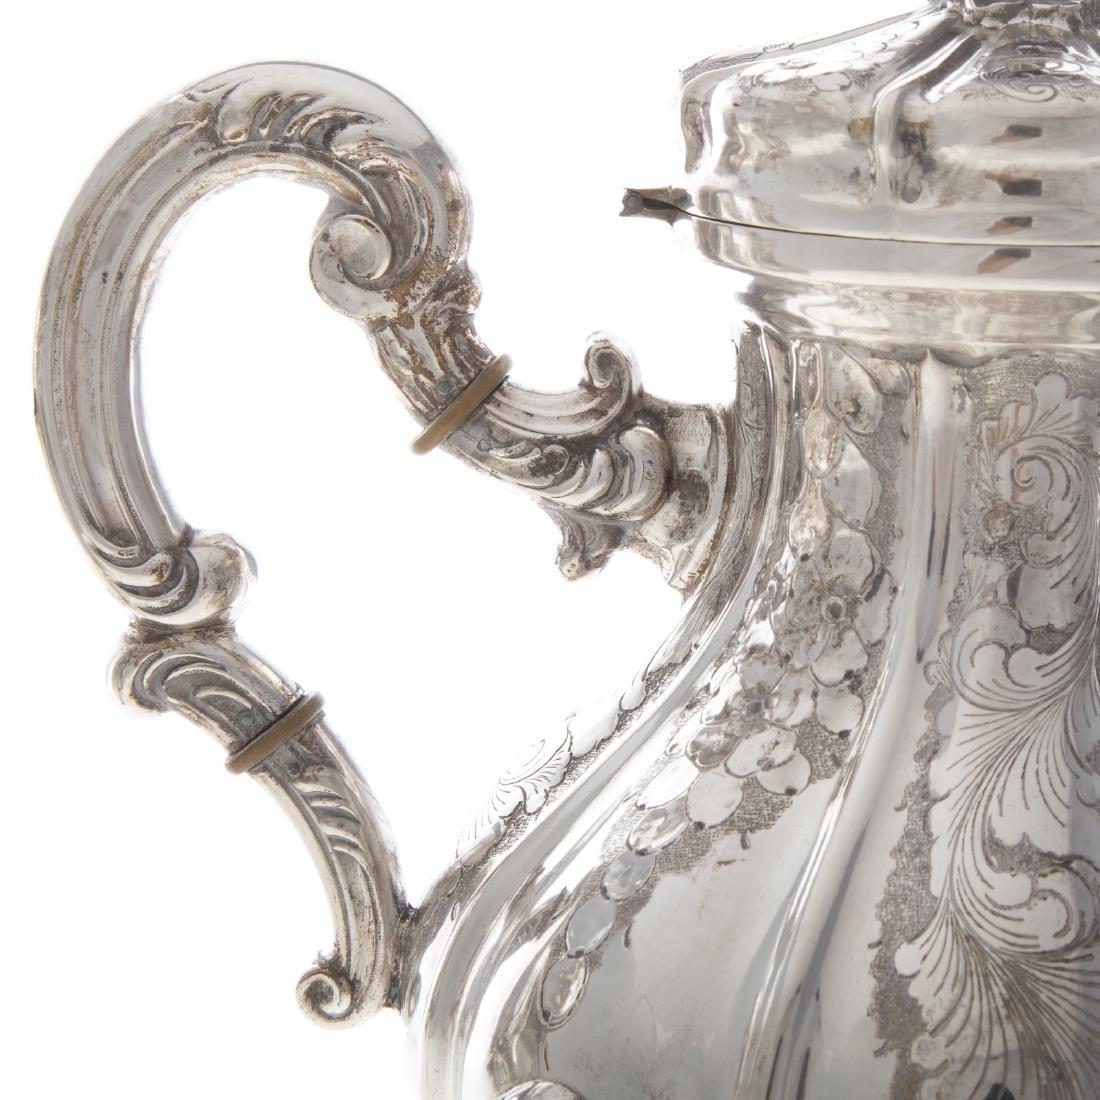 Italian silver 4-piece coffee & tea service - 4